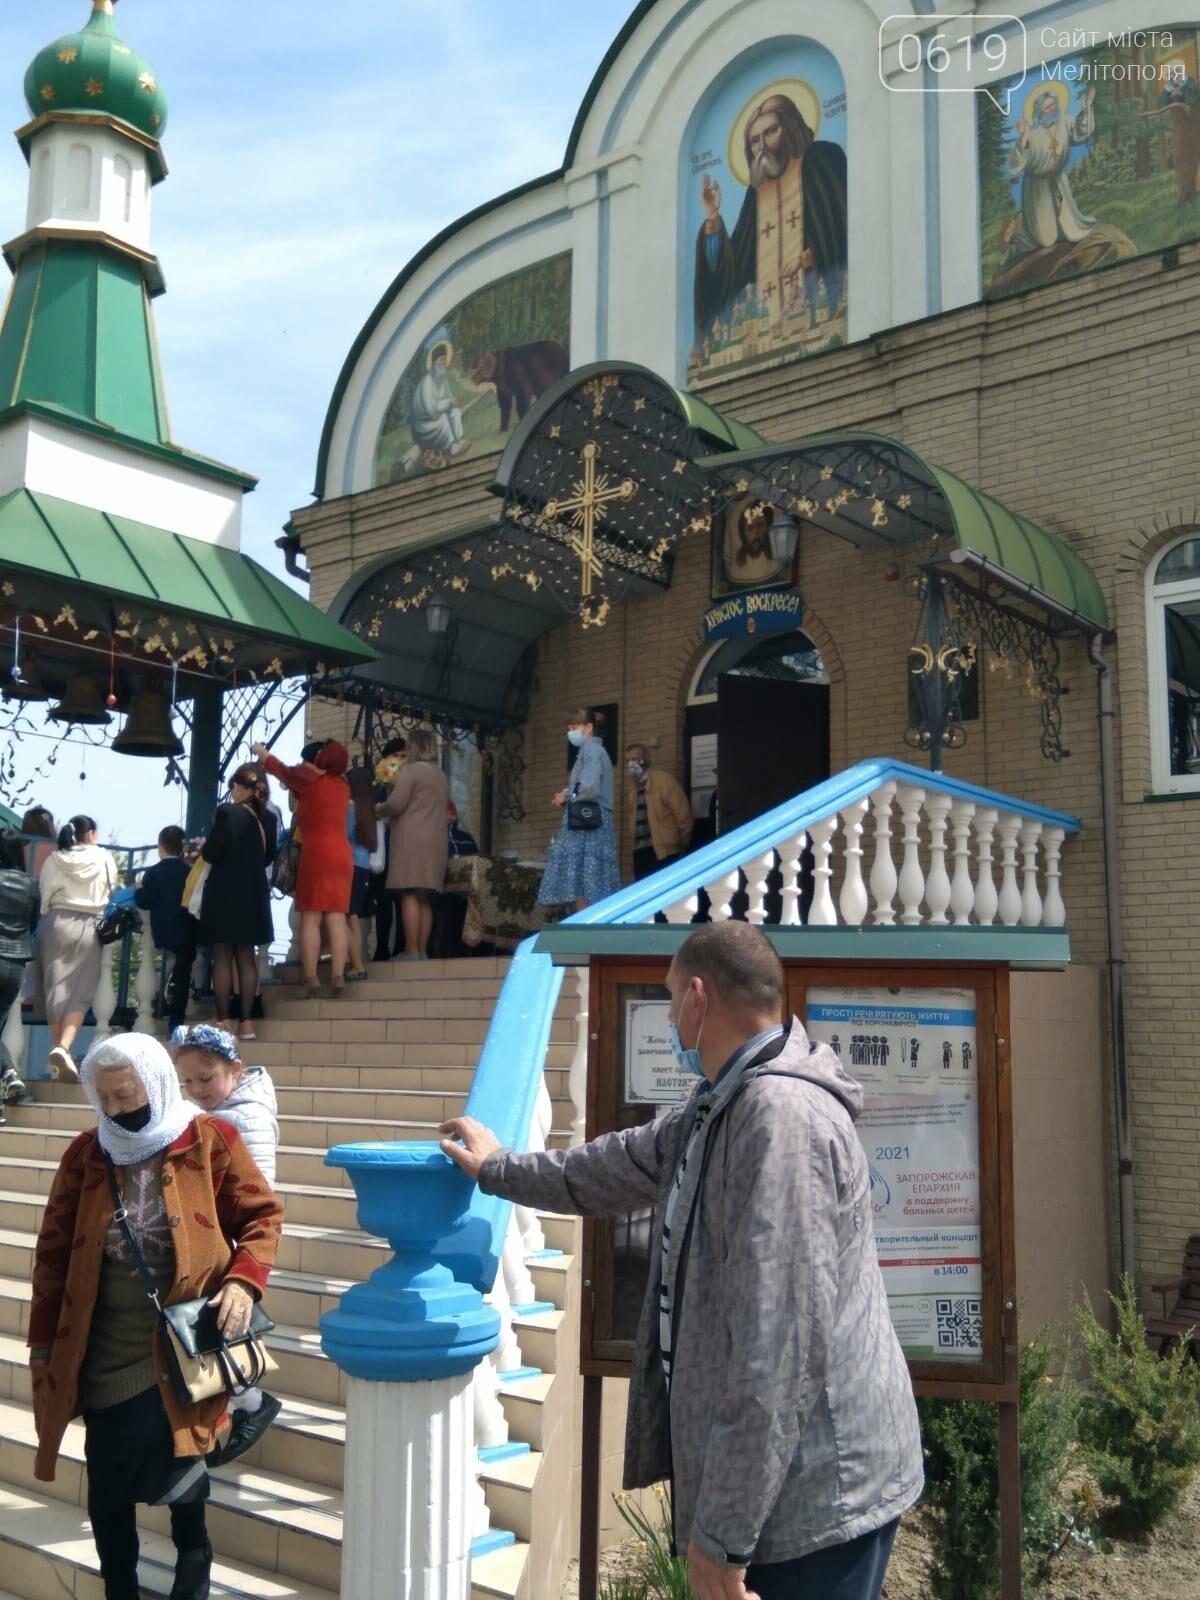 Маски, дистанция, отличная погода и праздничное настроение: мелитопольцы отмечают Пасху, фото-2